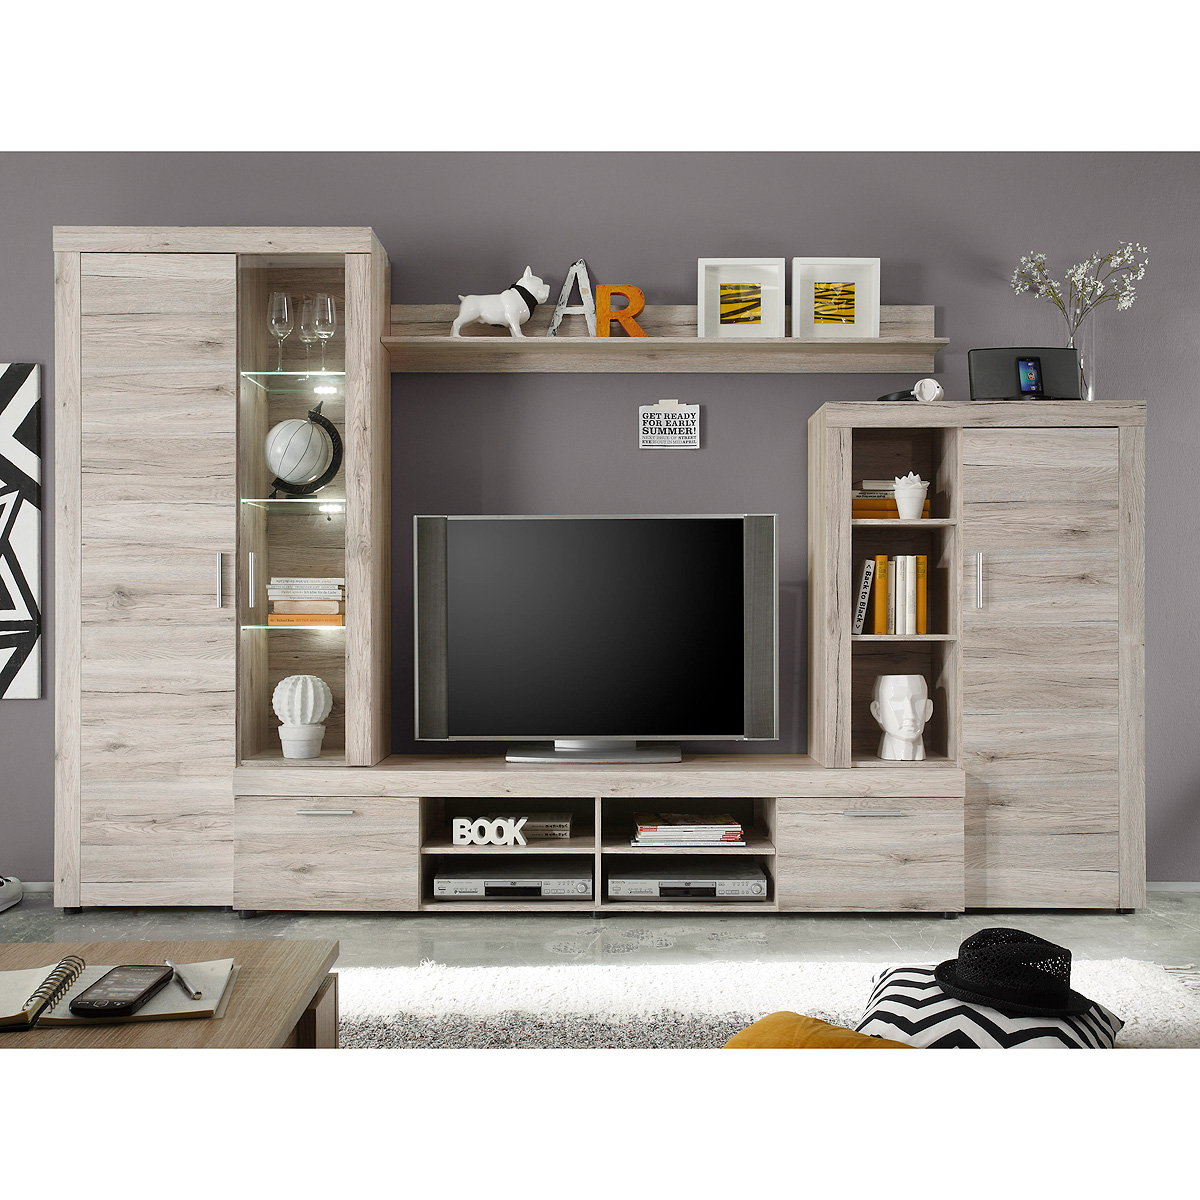 wohnwand fiesta anbauwand wohnzimmer in sandeiche mit beleuchtung eur 239 95 picclick de. Black Bedroom Furniture Sets. Home Design Ideas